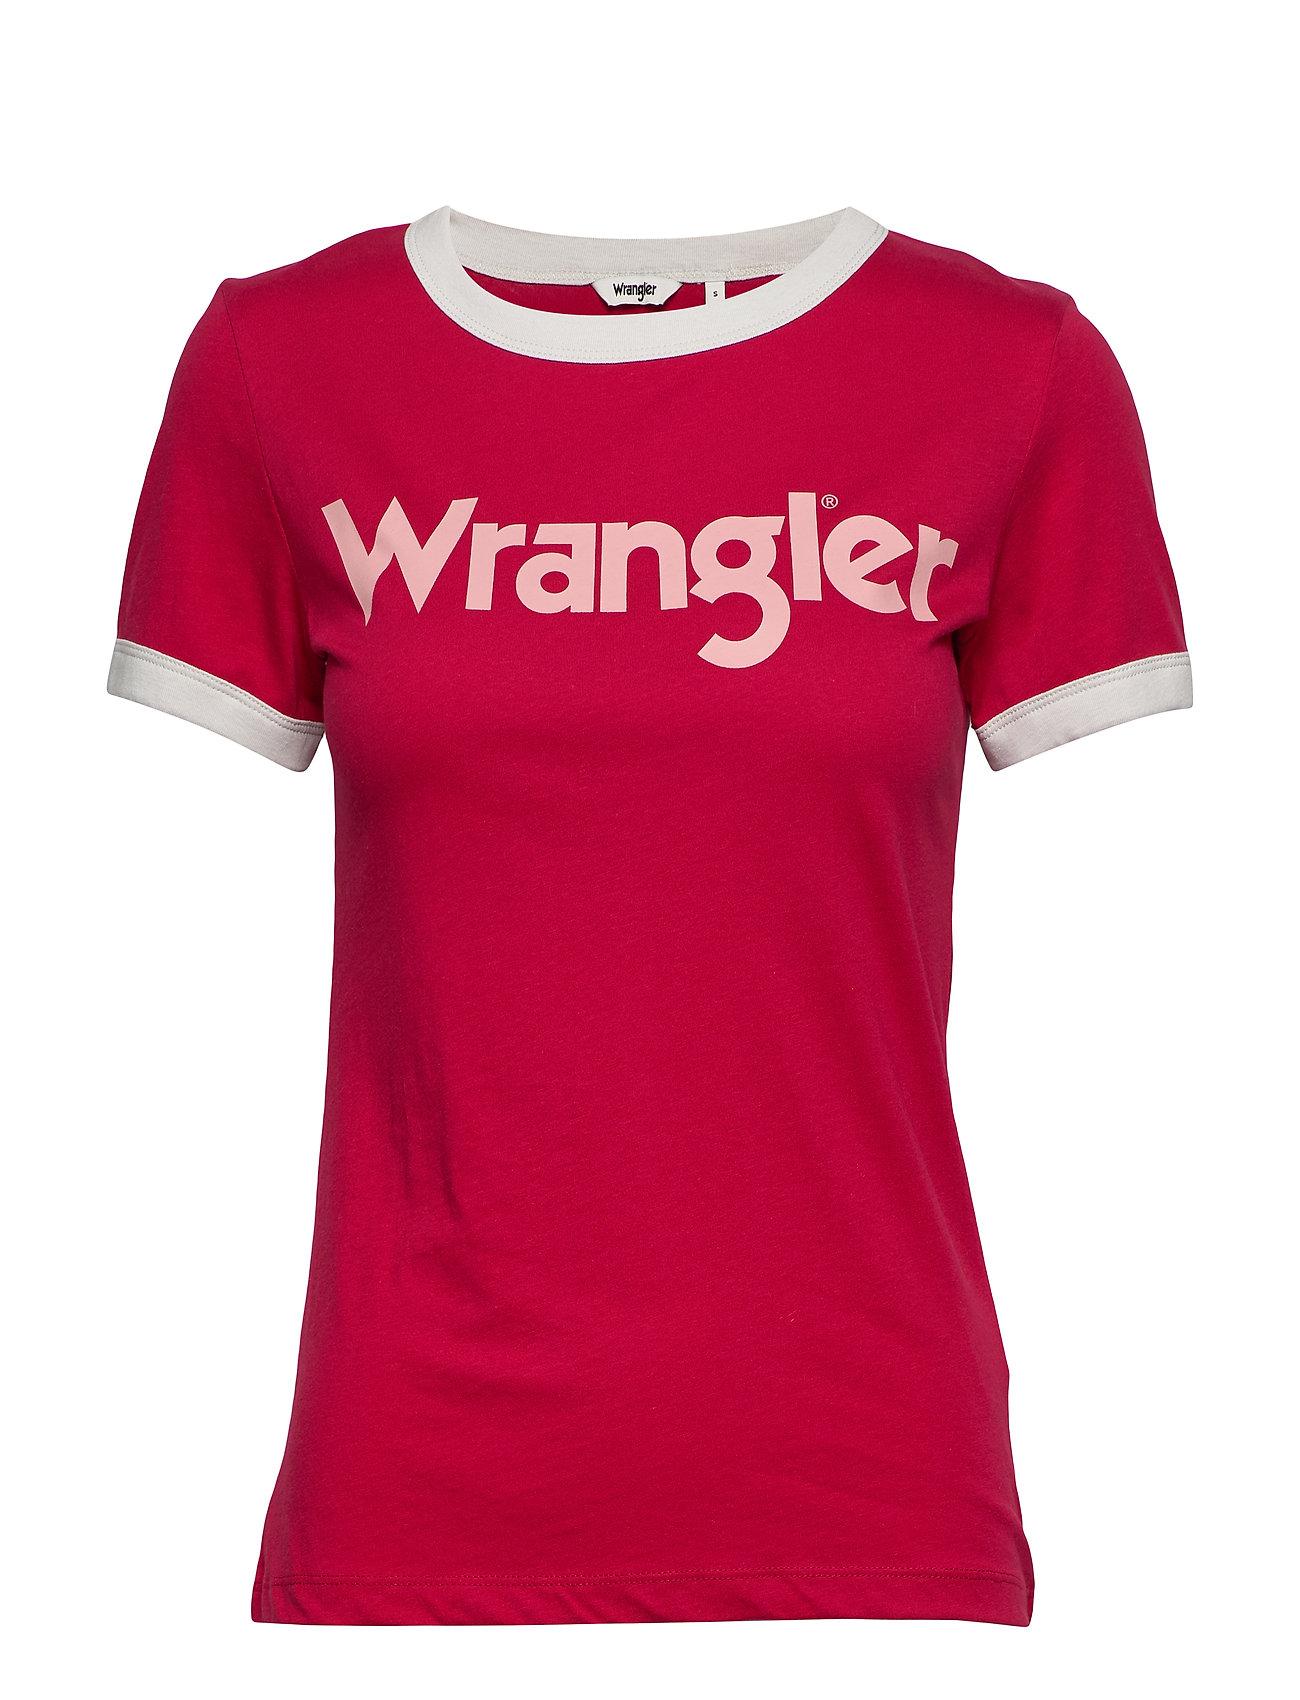 Wrangler RINGER TEE - MAGENTA RED